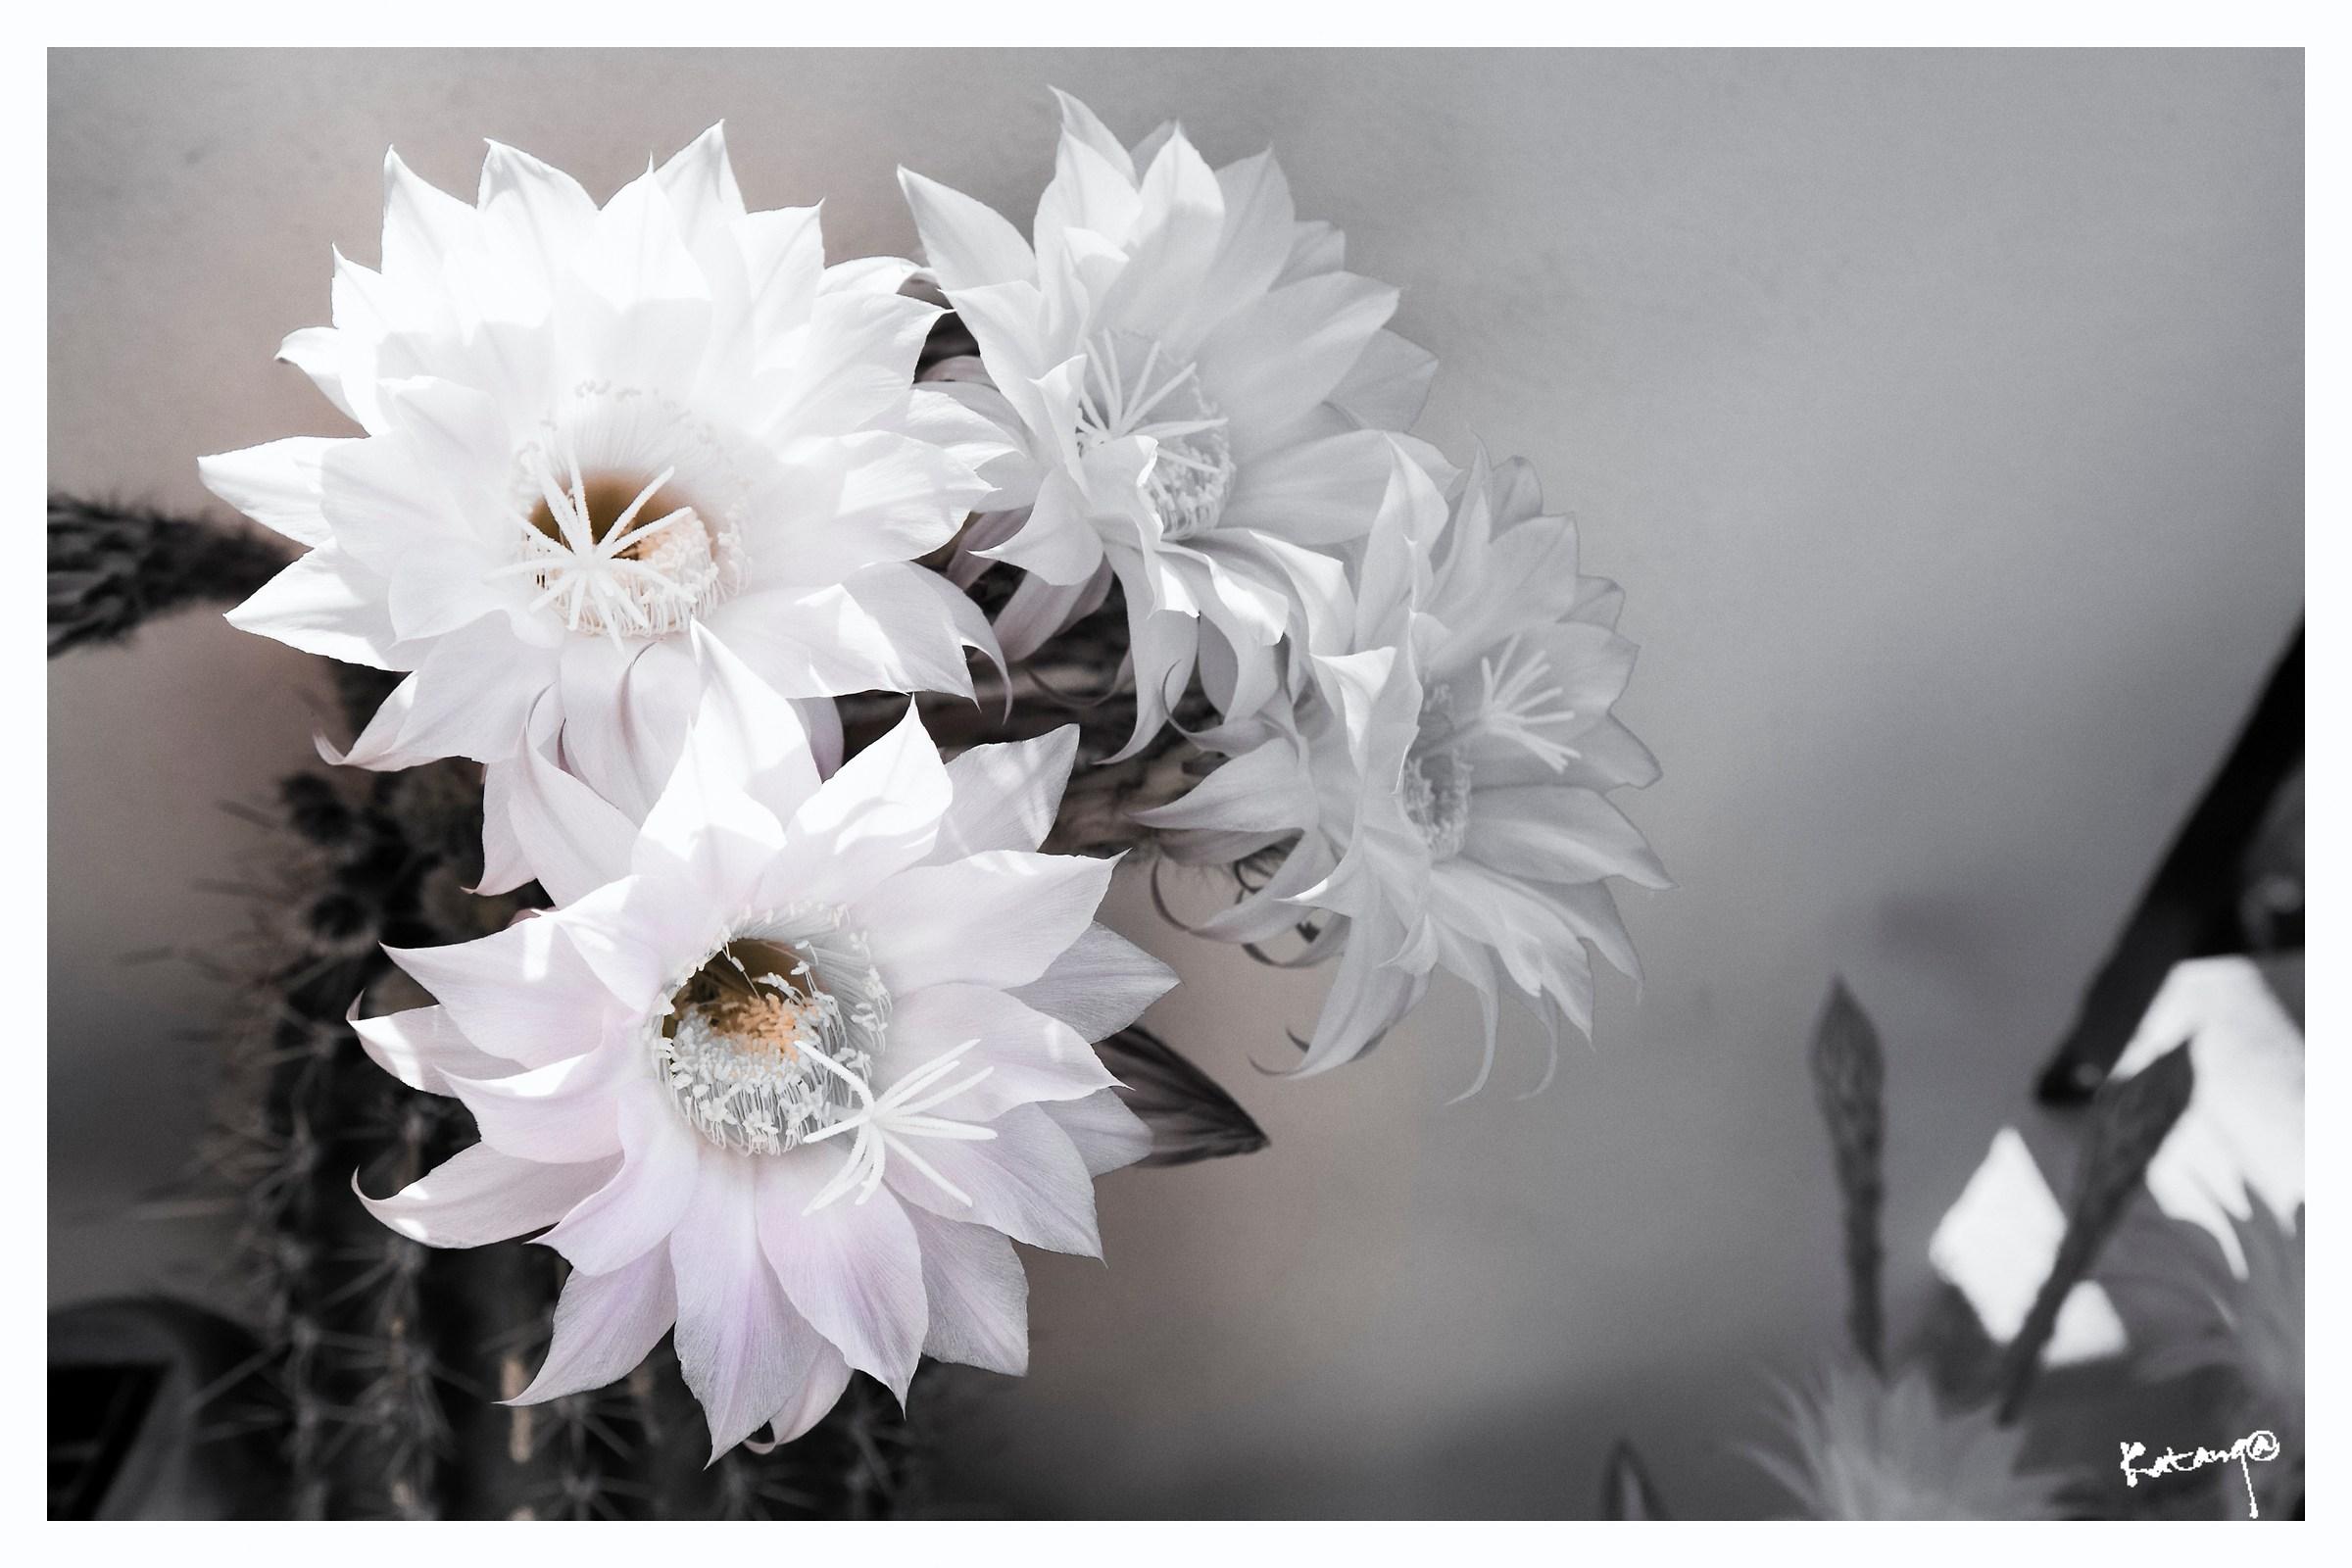 Cactus flowers...